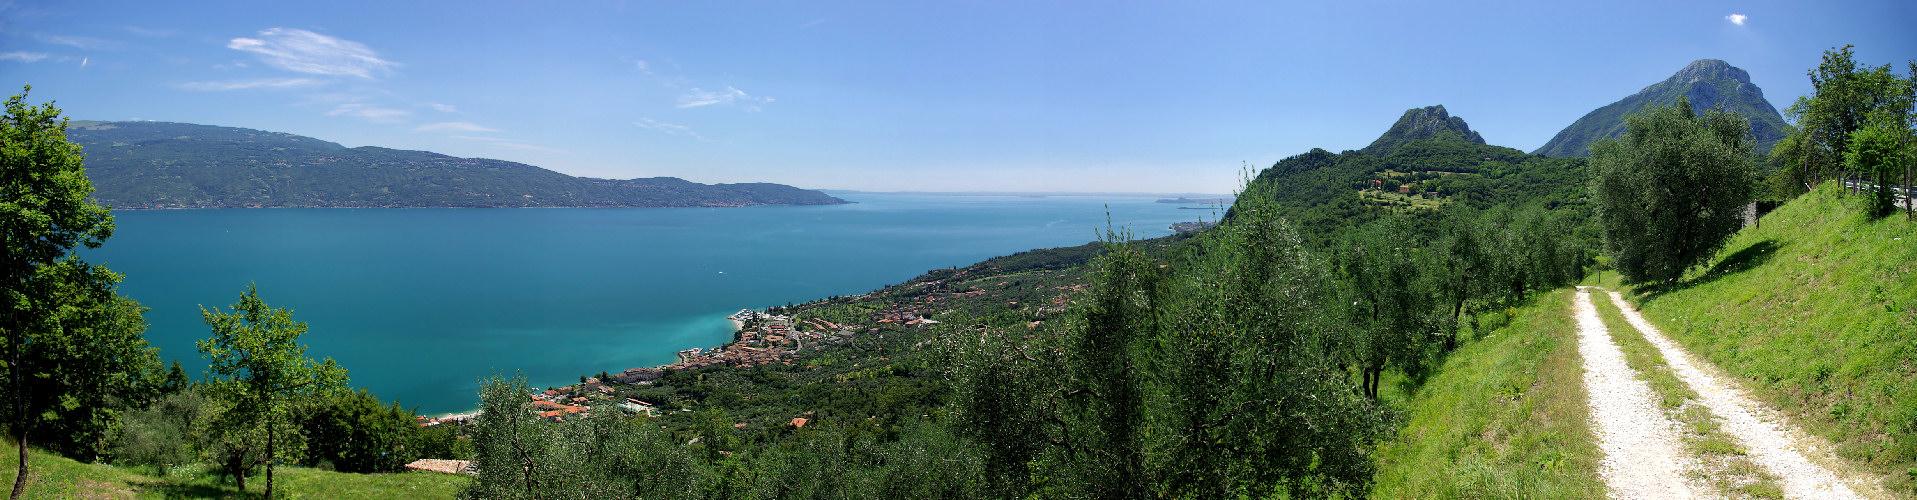 Lago-Pano bei Gargnano